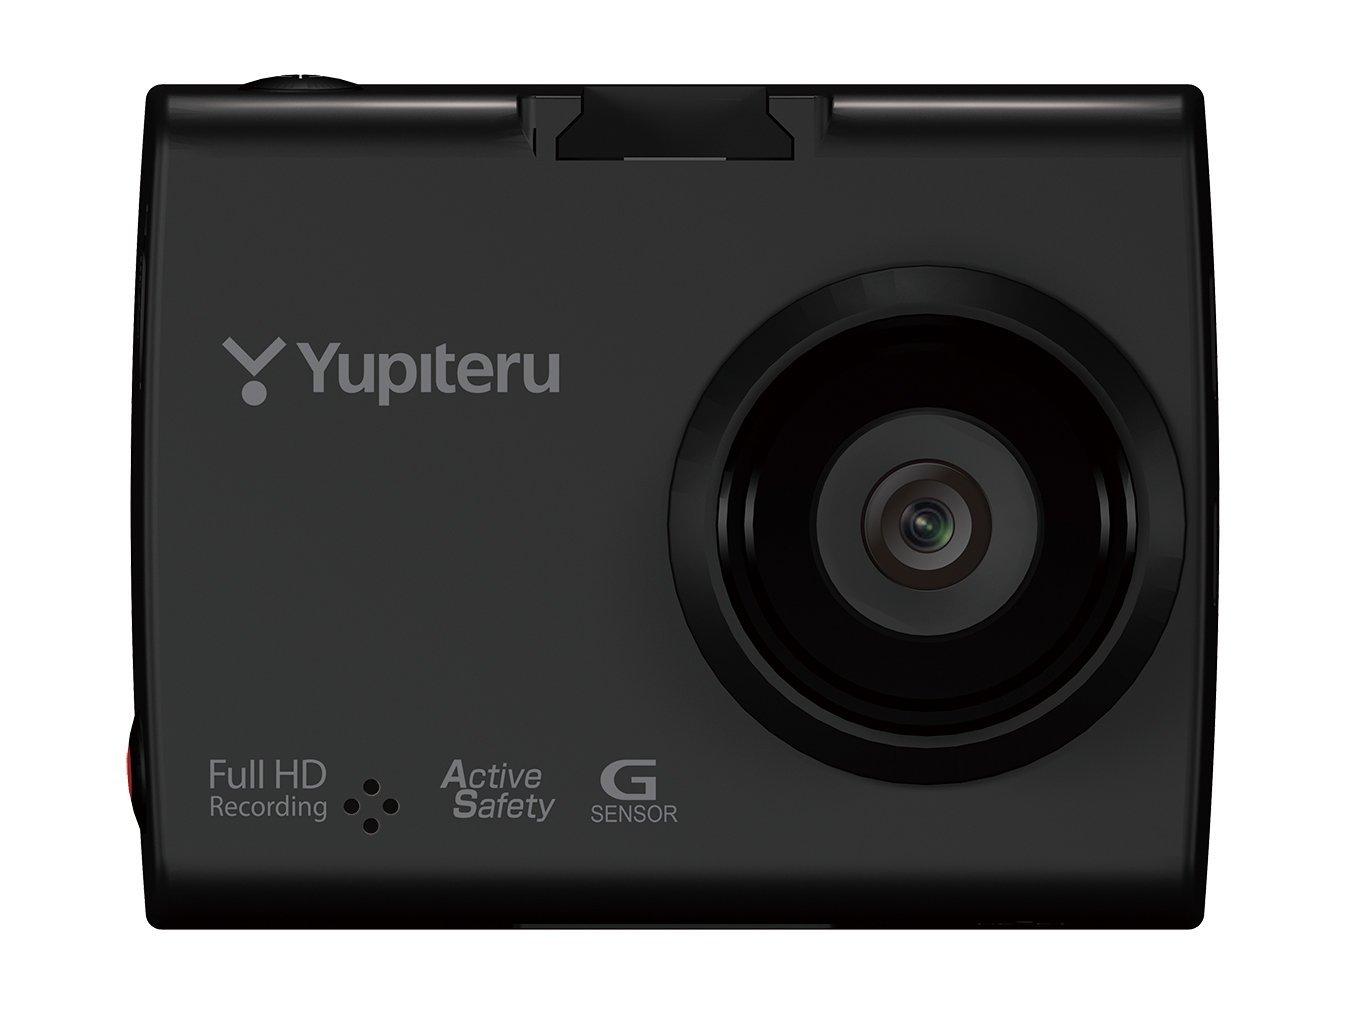 【送料無料】YUPITERU ユピテル Full HD ドライブレコーダー DRY-AS350GS